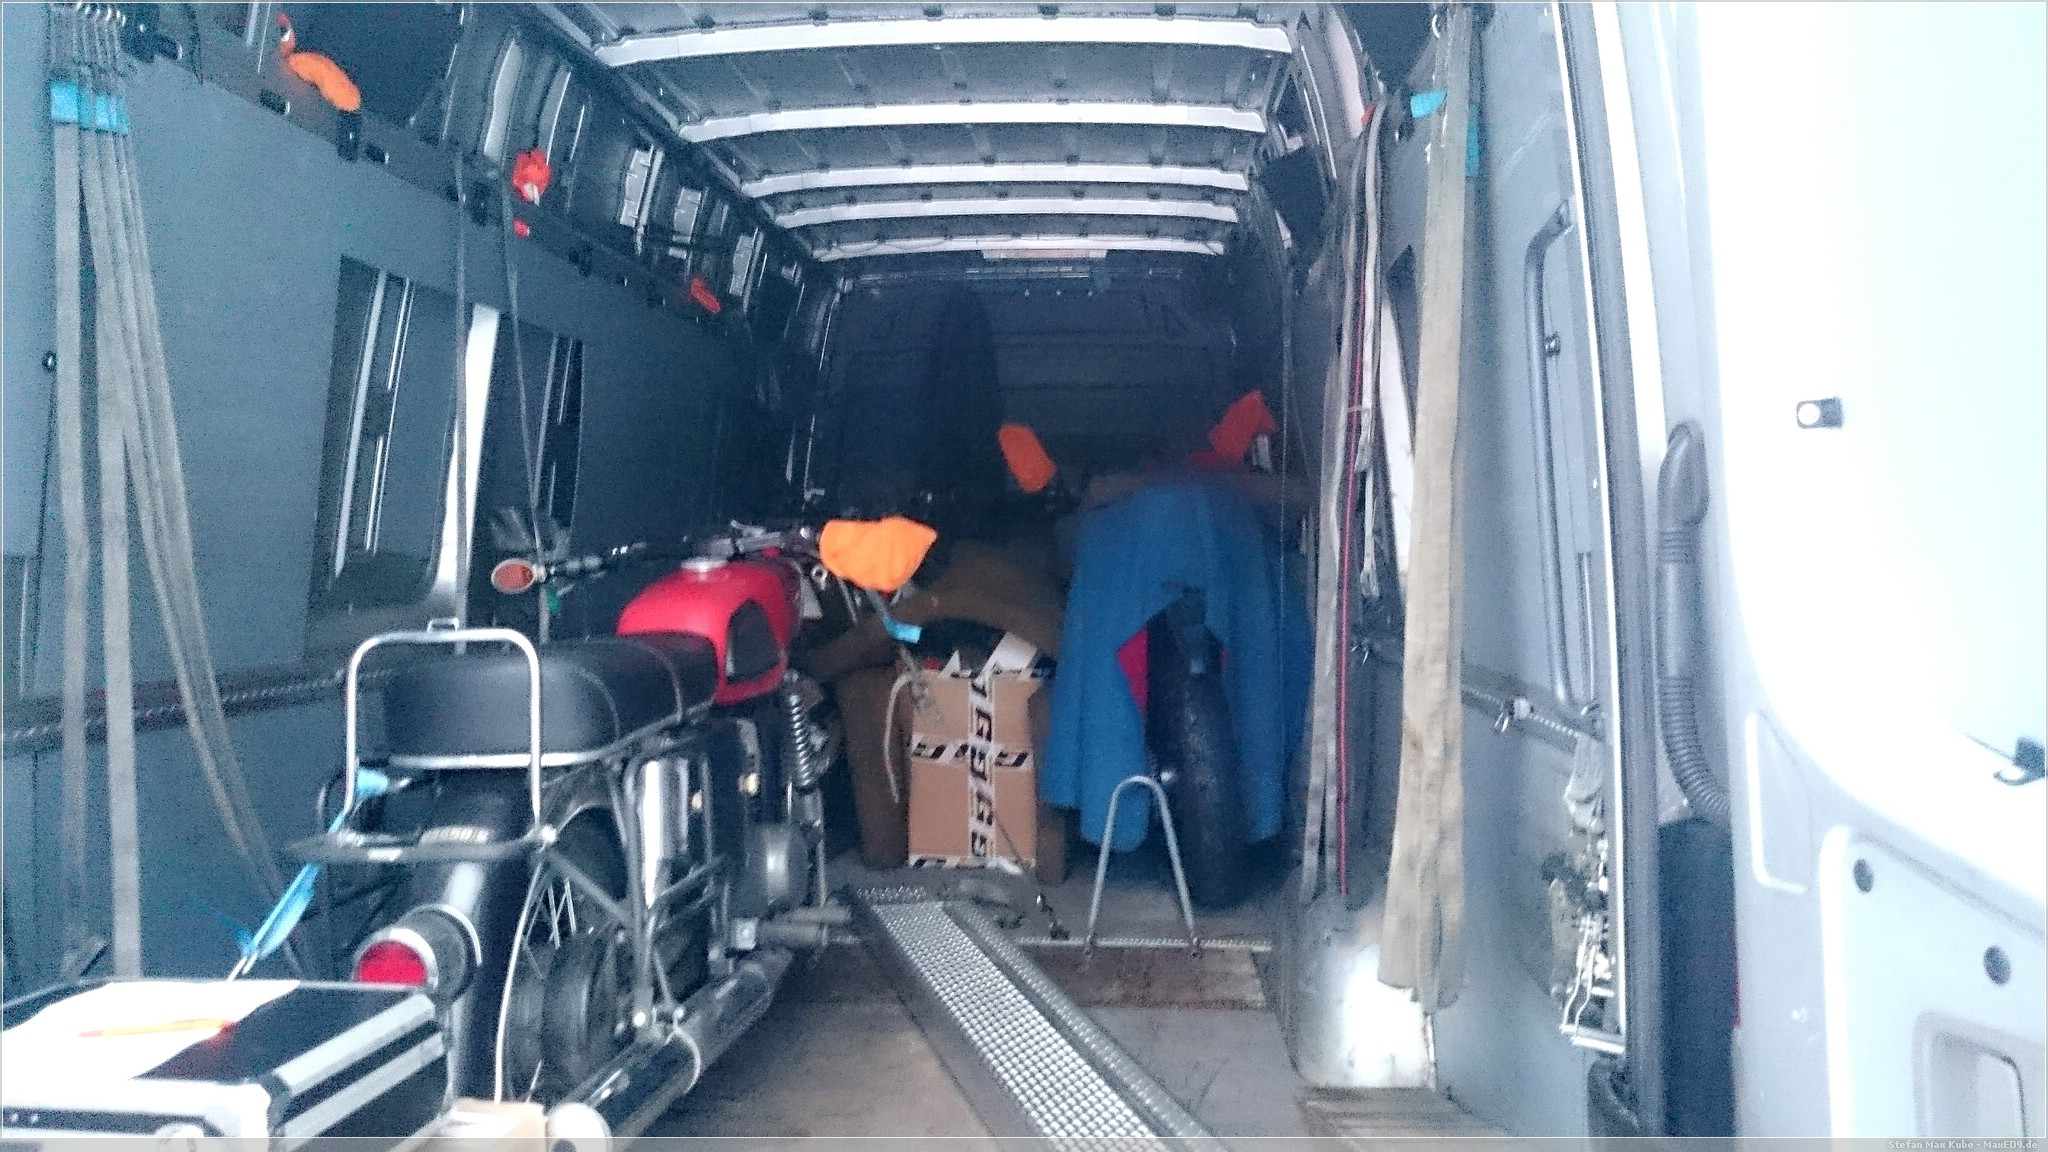 abenteuerlich: Honda CRF1000L Africa Twin in der Garage